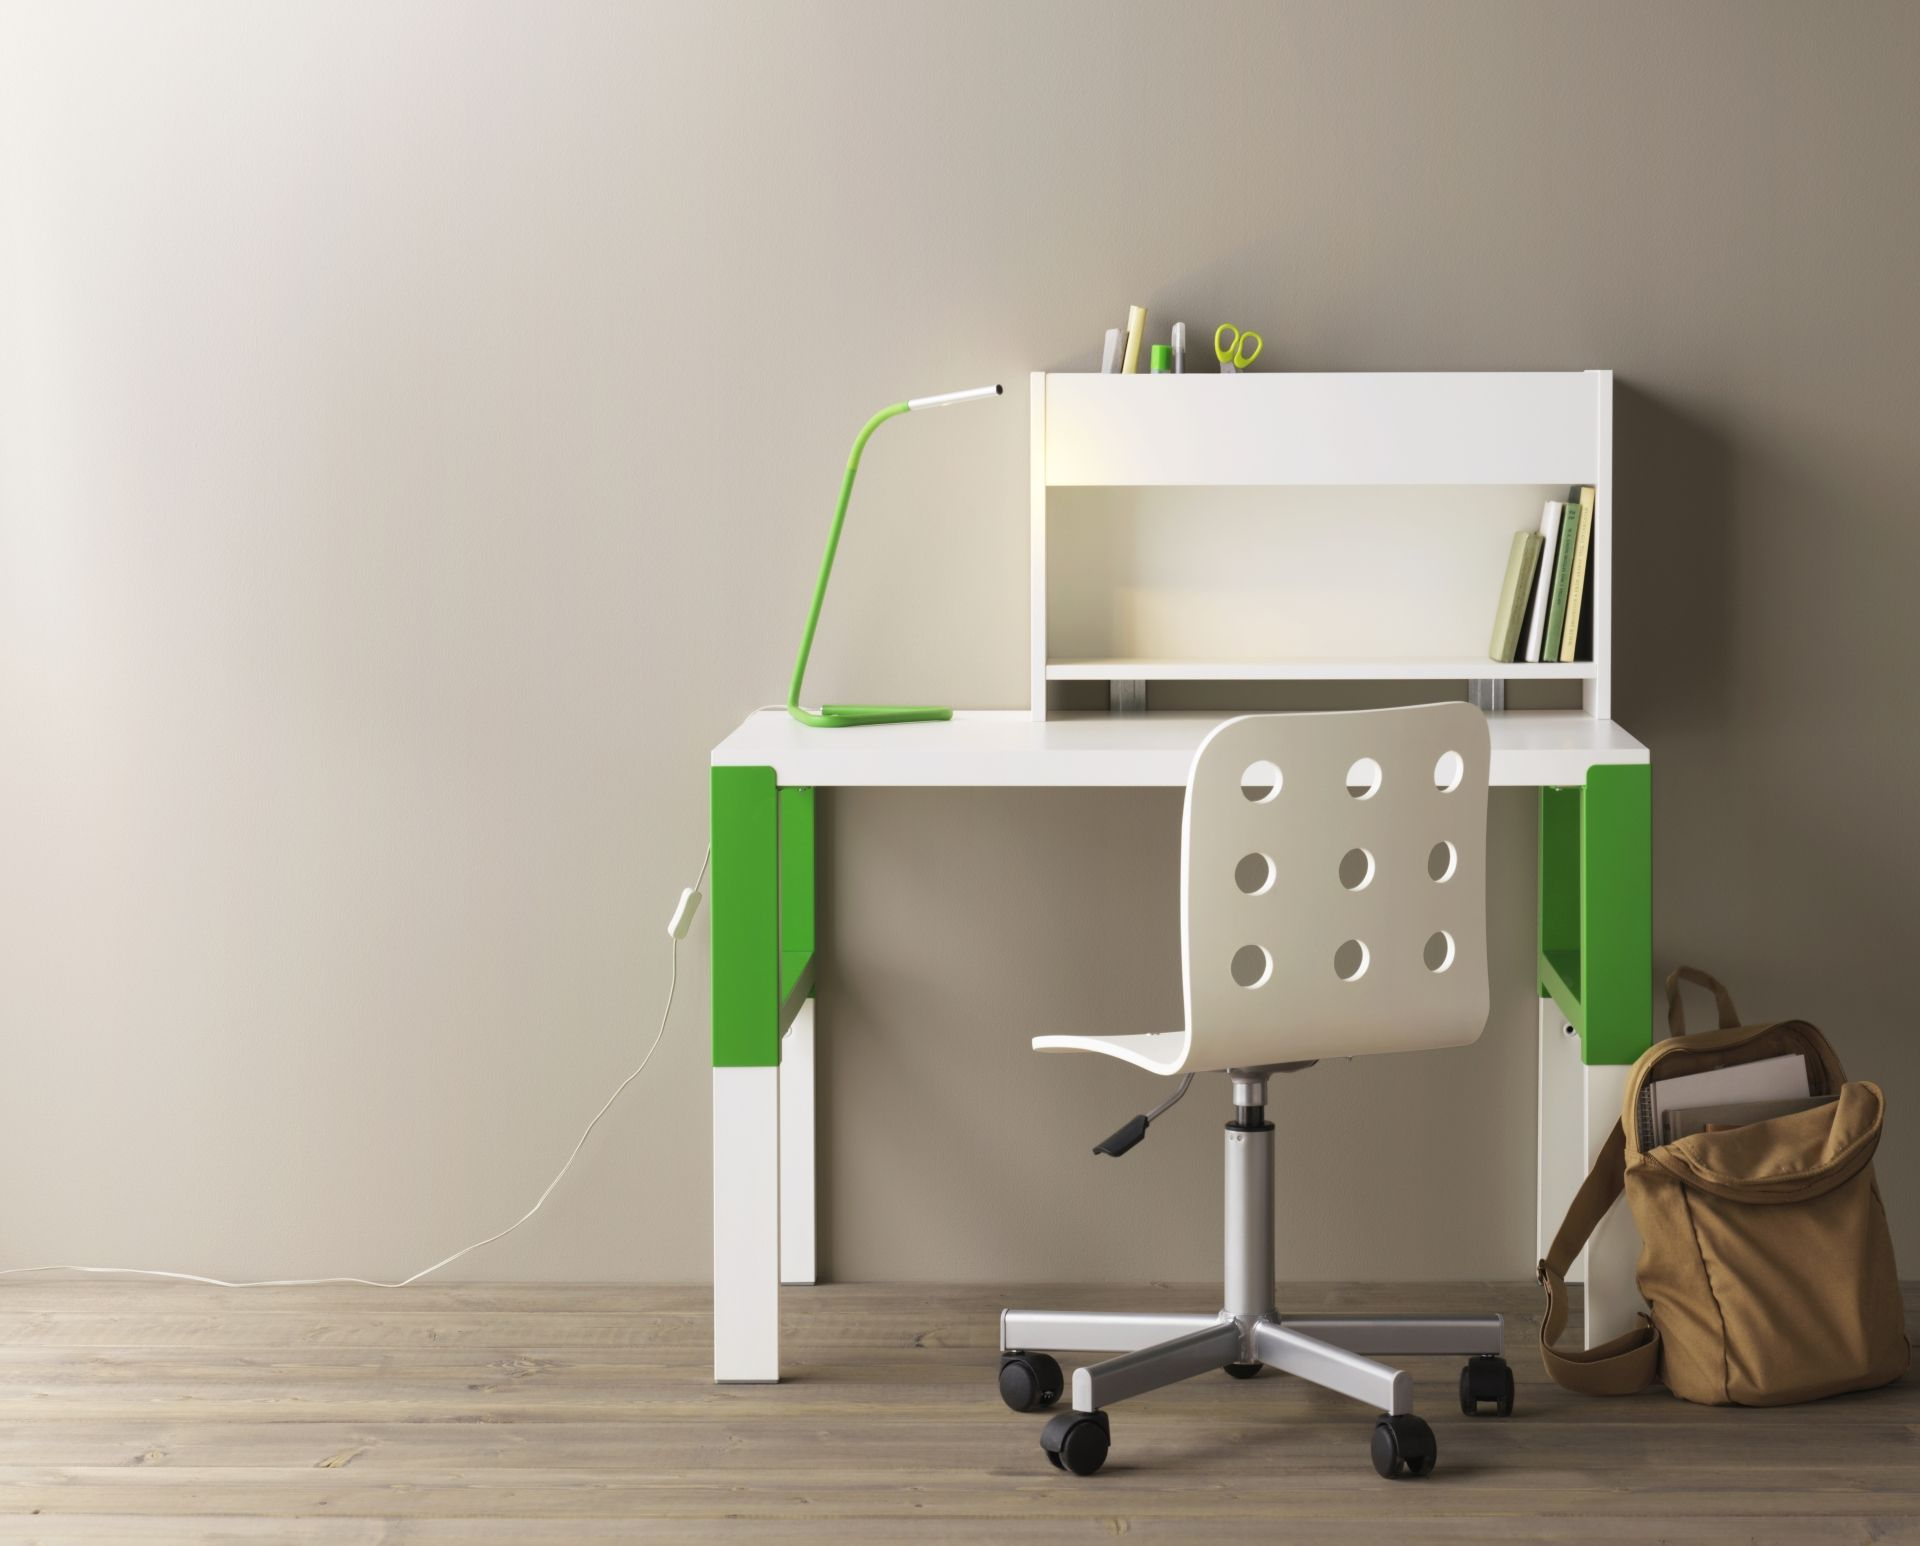 PÅhl bureau met opbouwdeel wit groen ikea catalogus